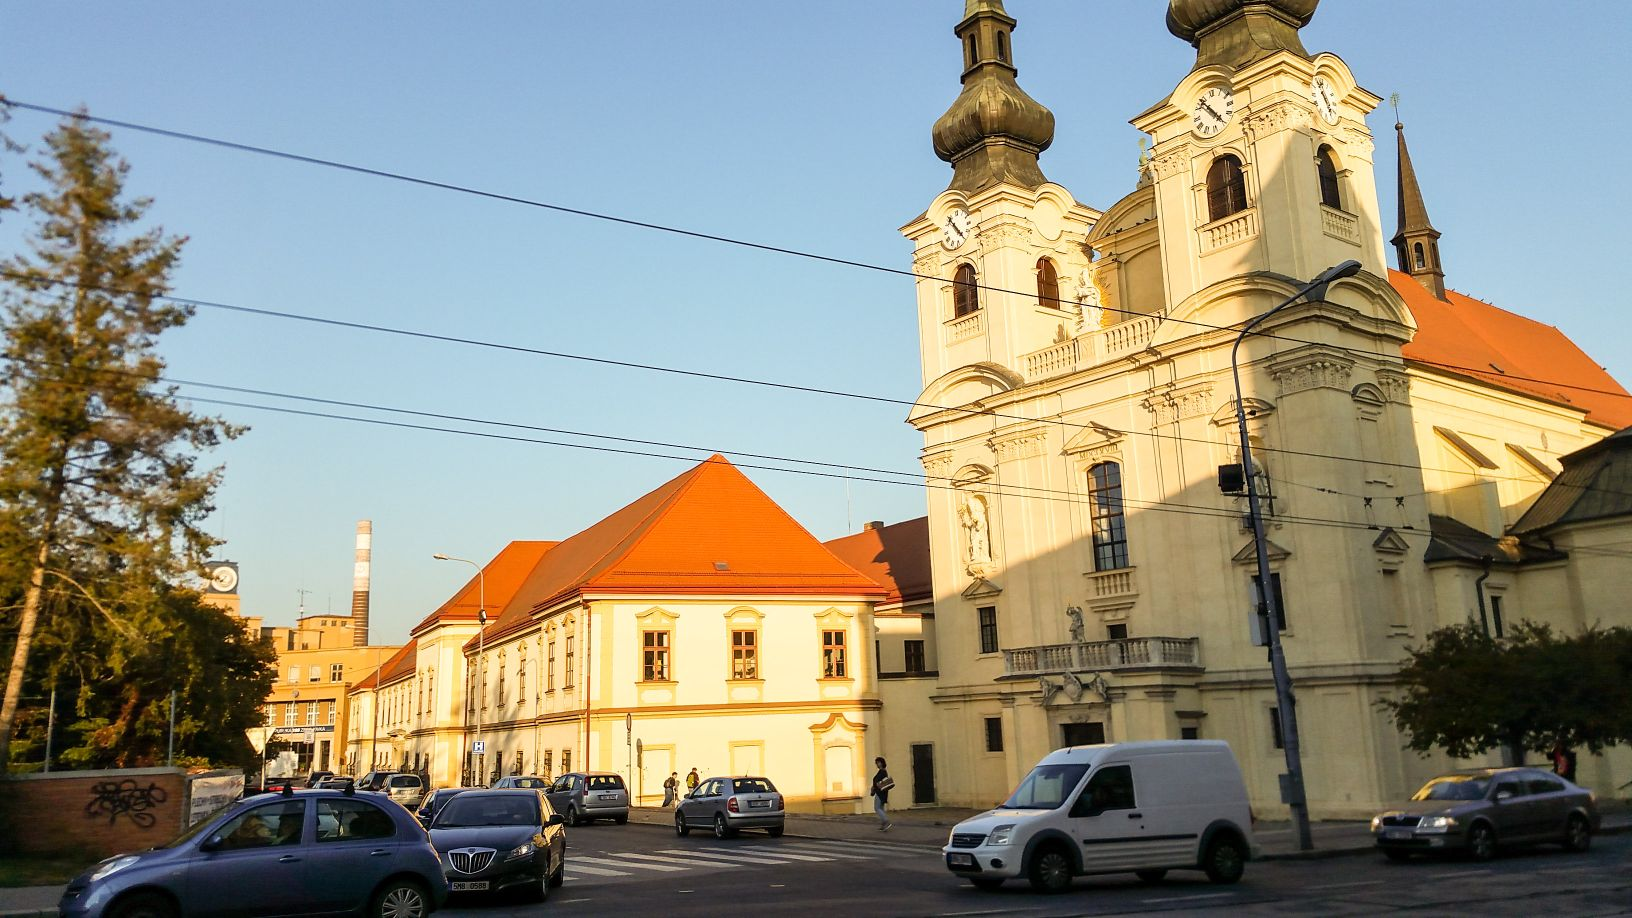 Zábrdovická klášter a kostel u brodu přes Svitavu